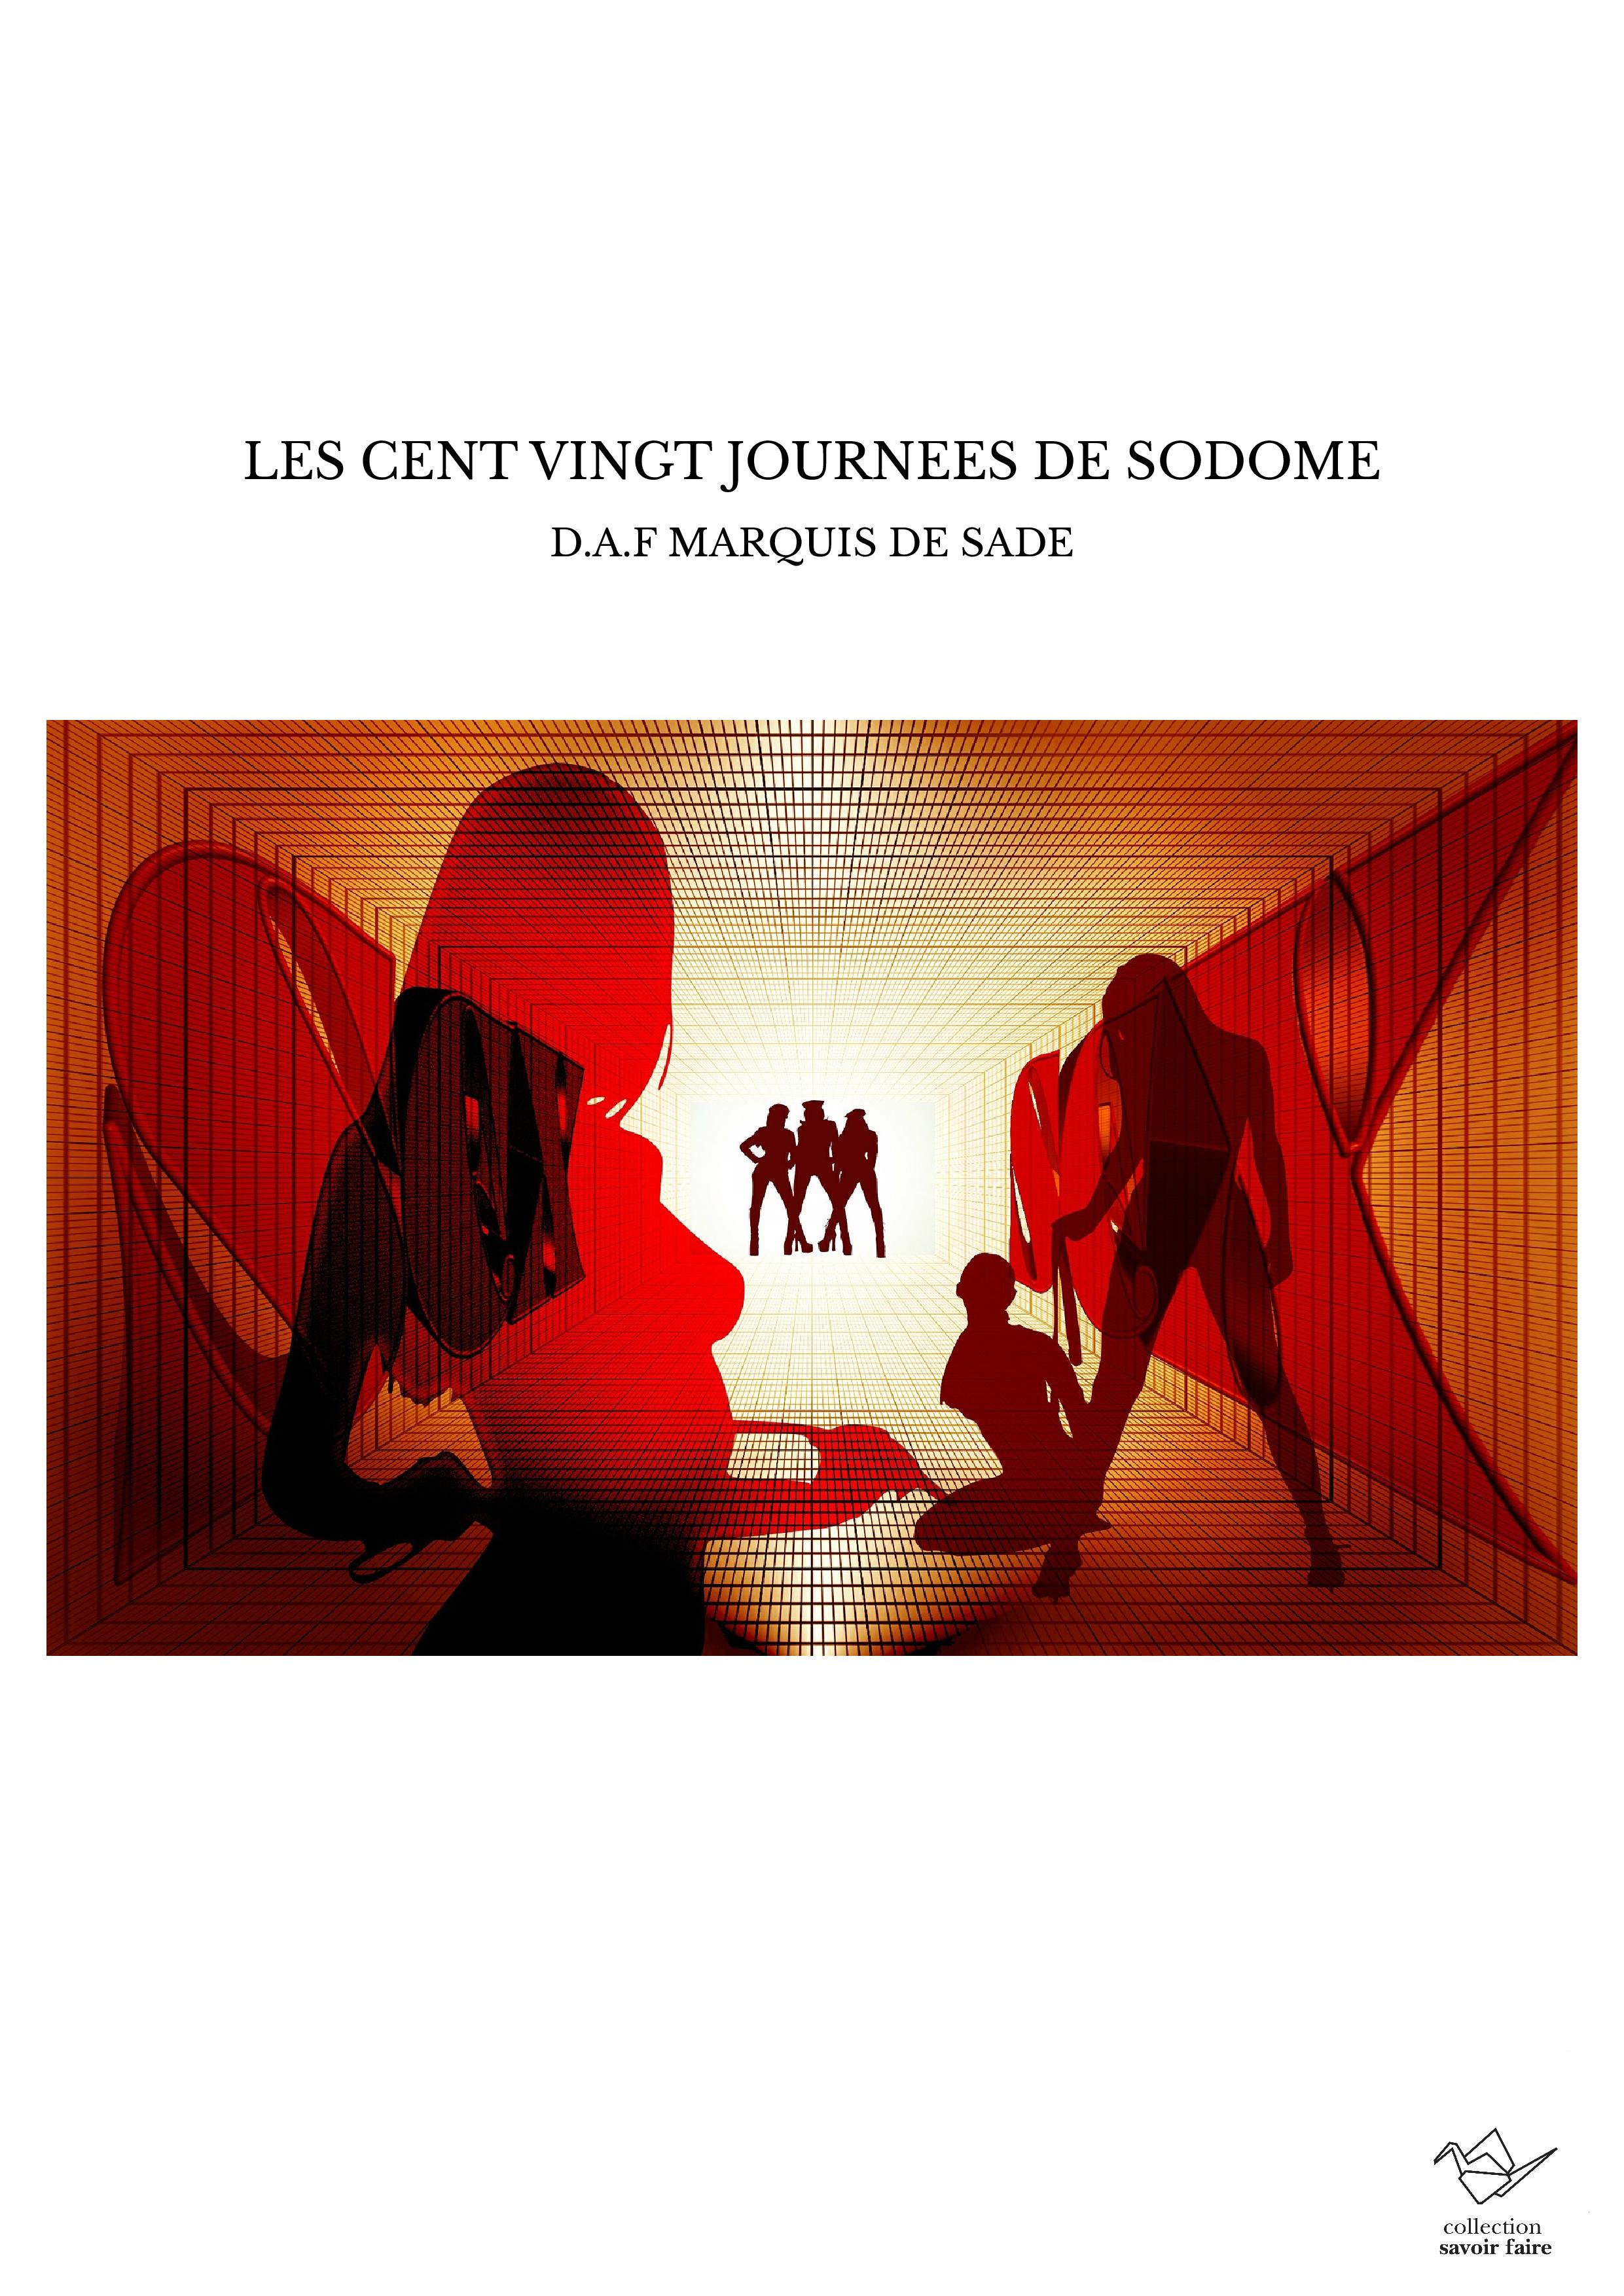 LES CENT VINGT JOURNEES DE SODOME